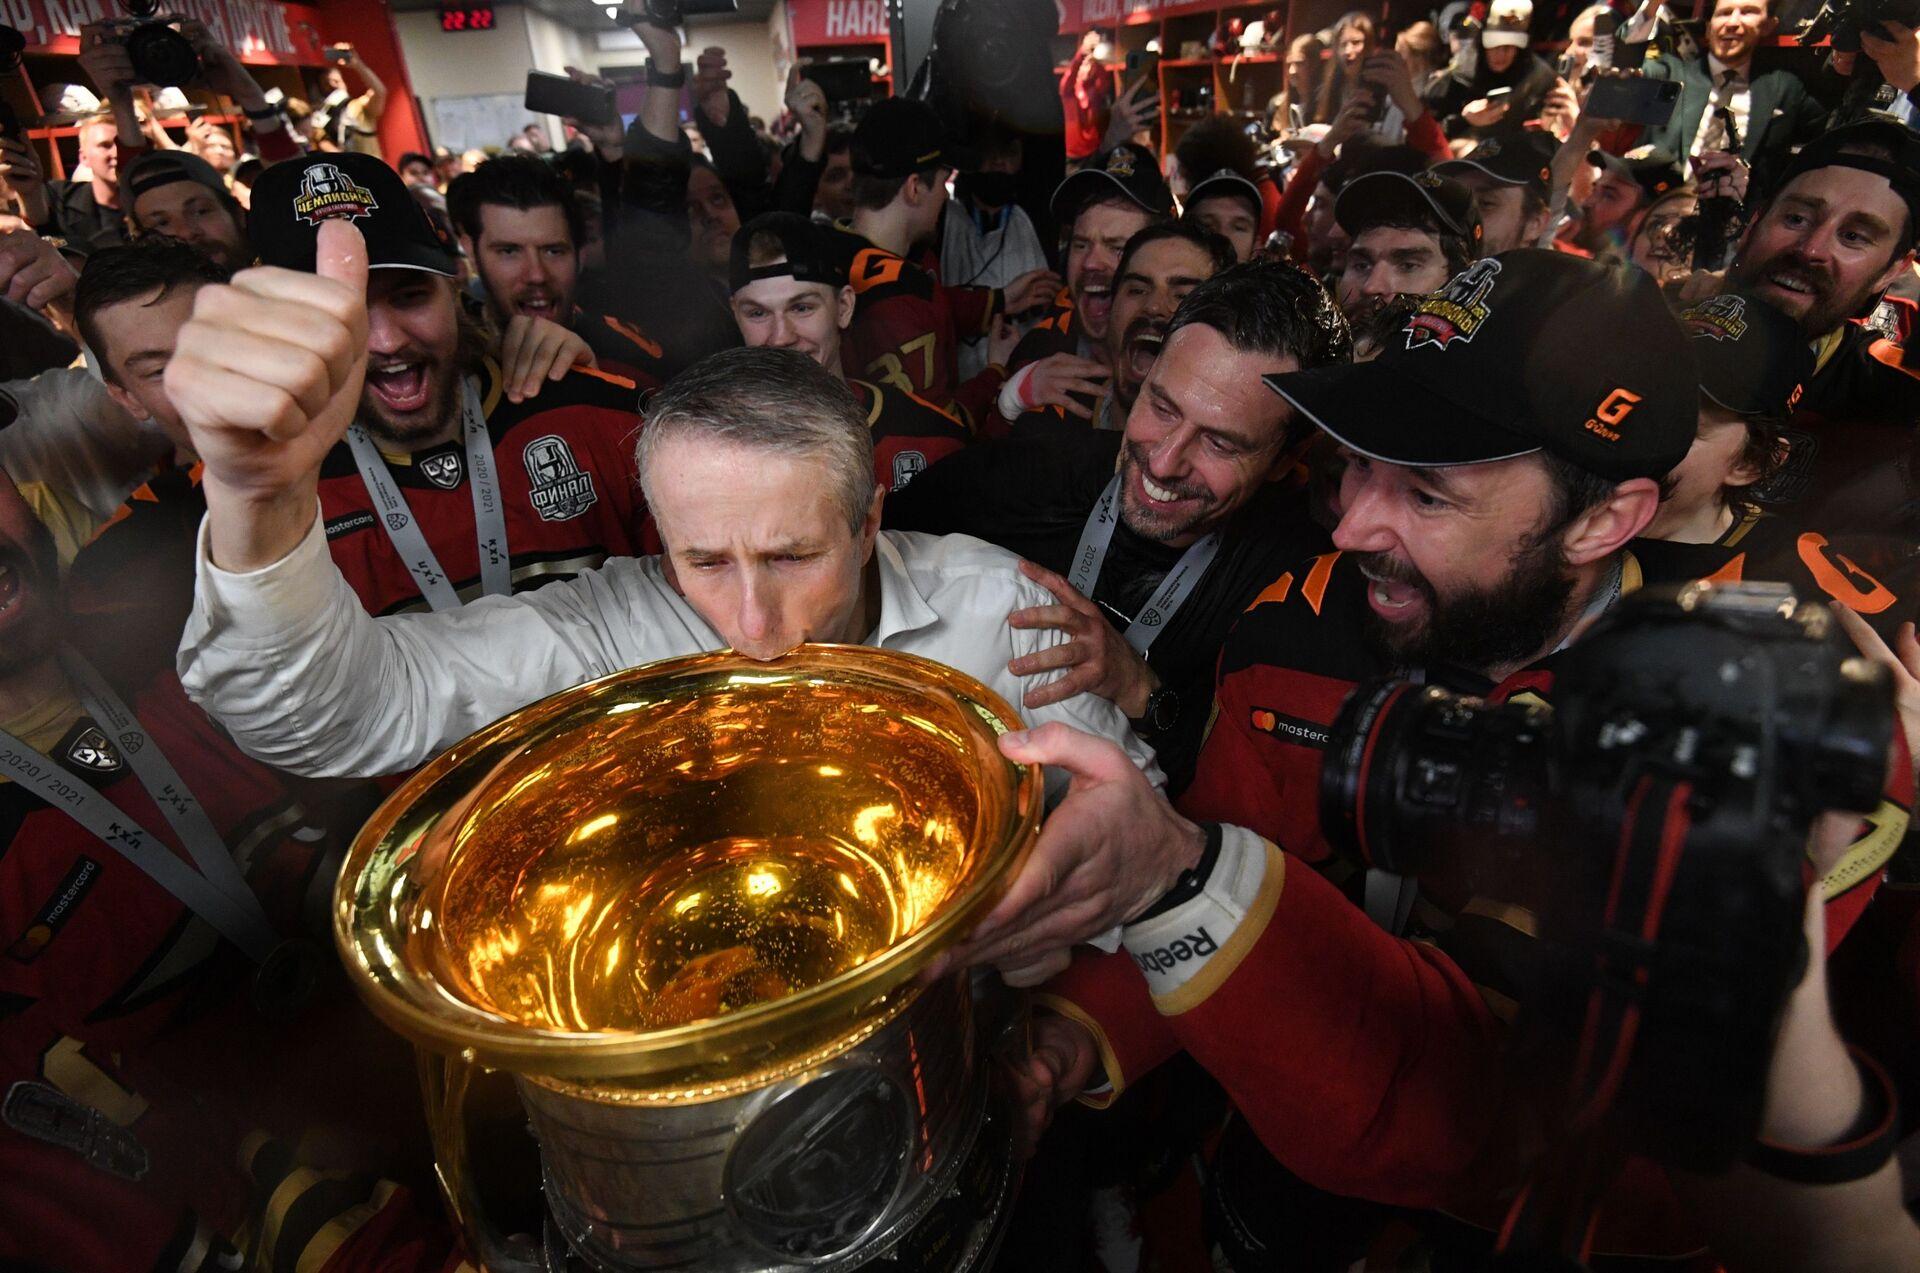 ХК Авангард - победитель Кубка Гагарина - 2021 - Sputnik Латвия, 1920, 01.06.2021